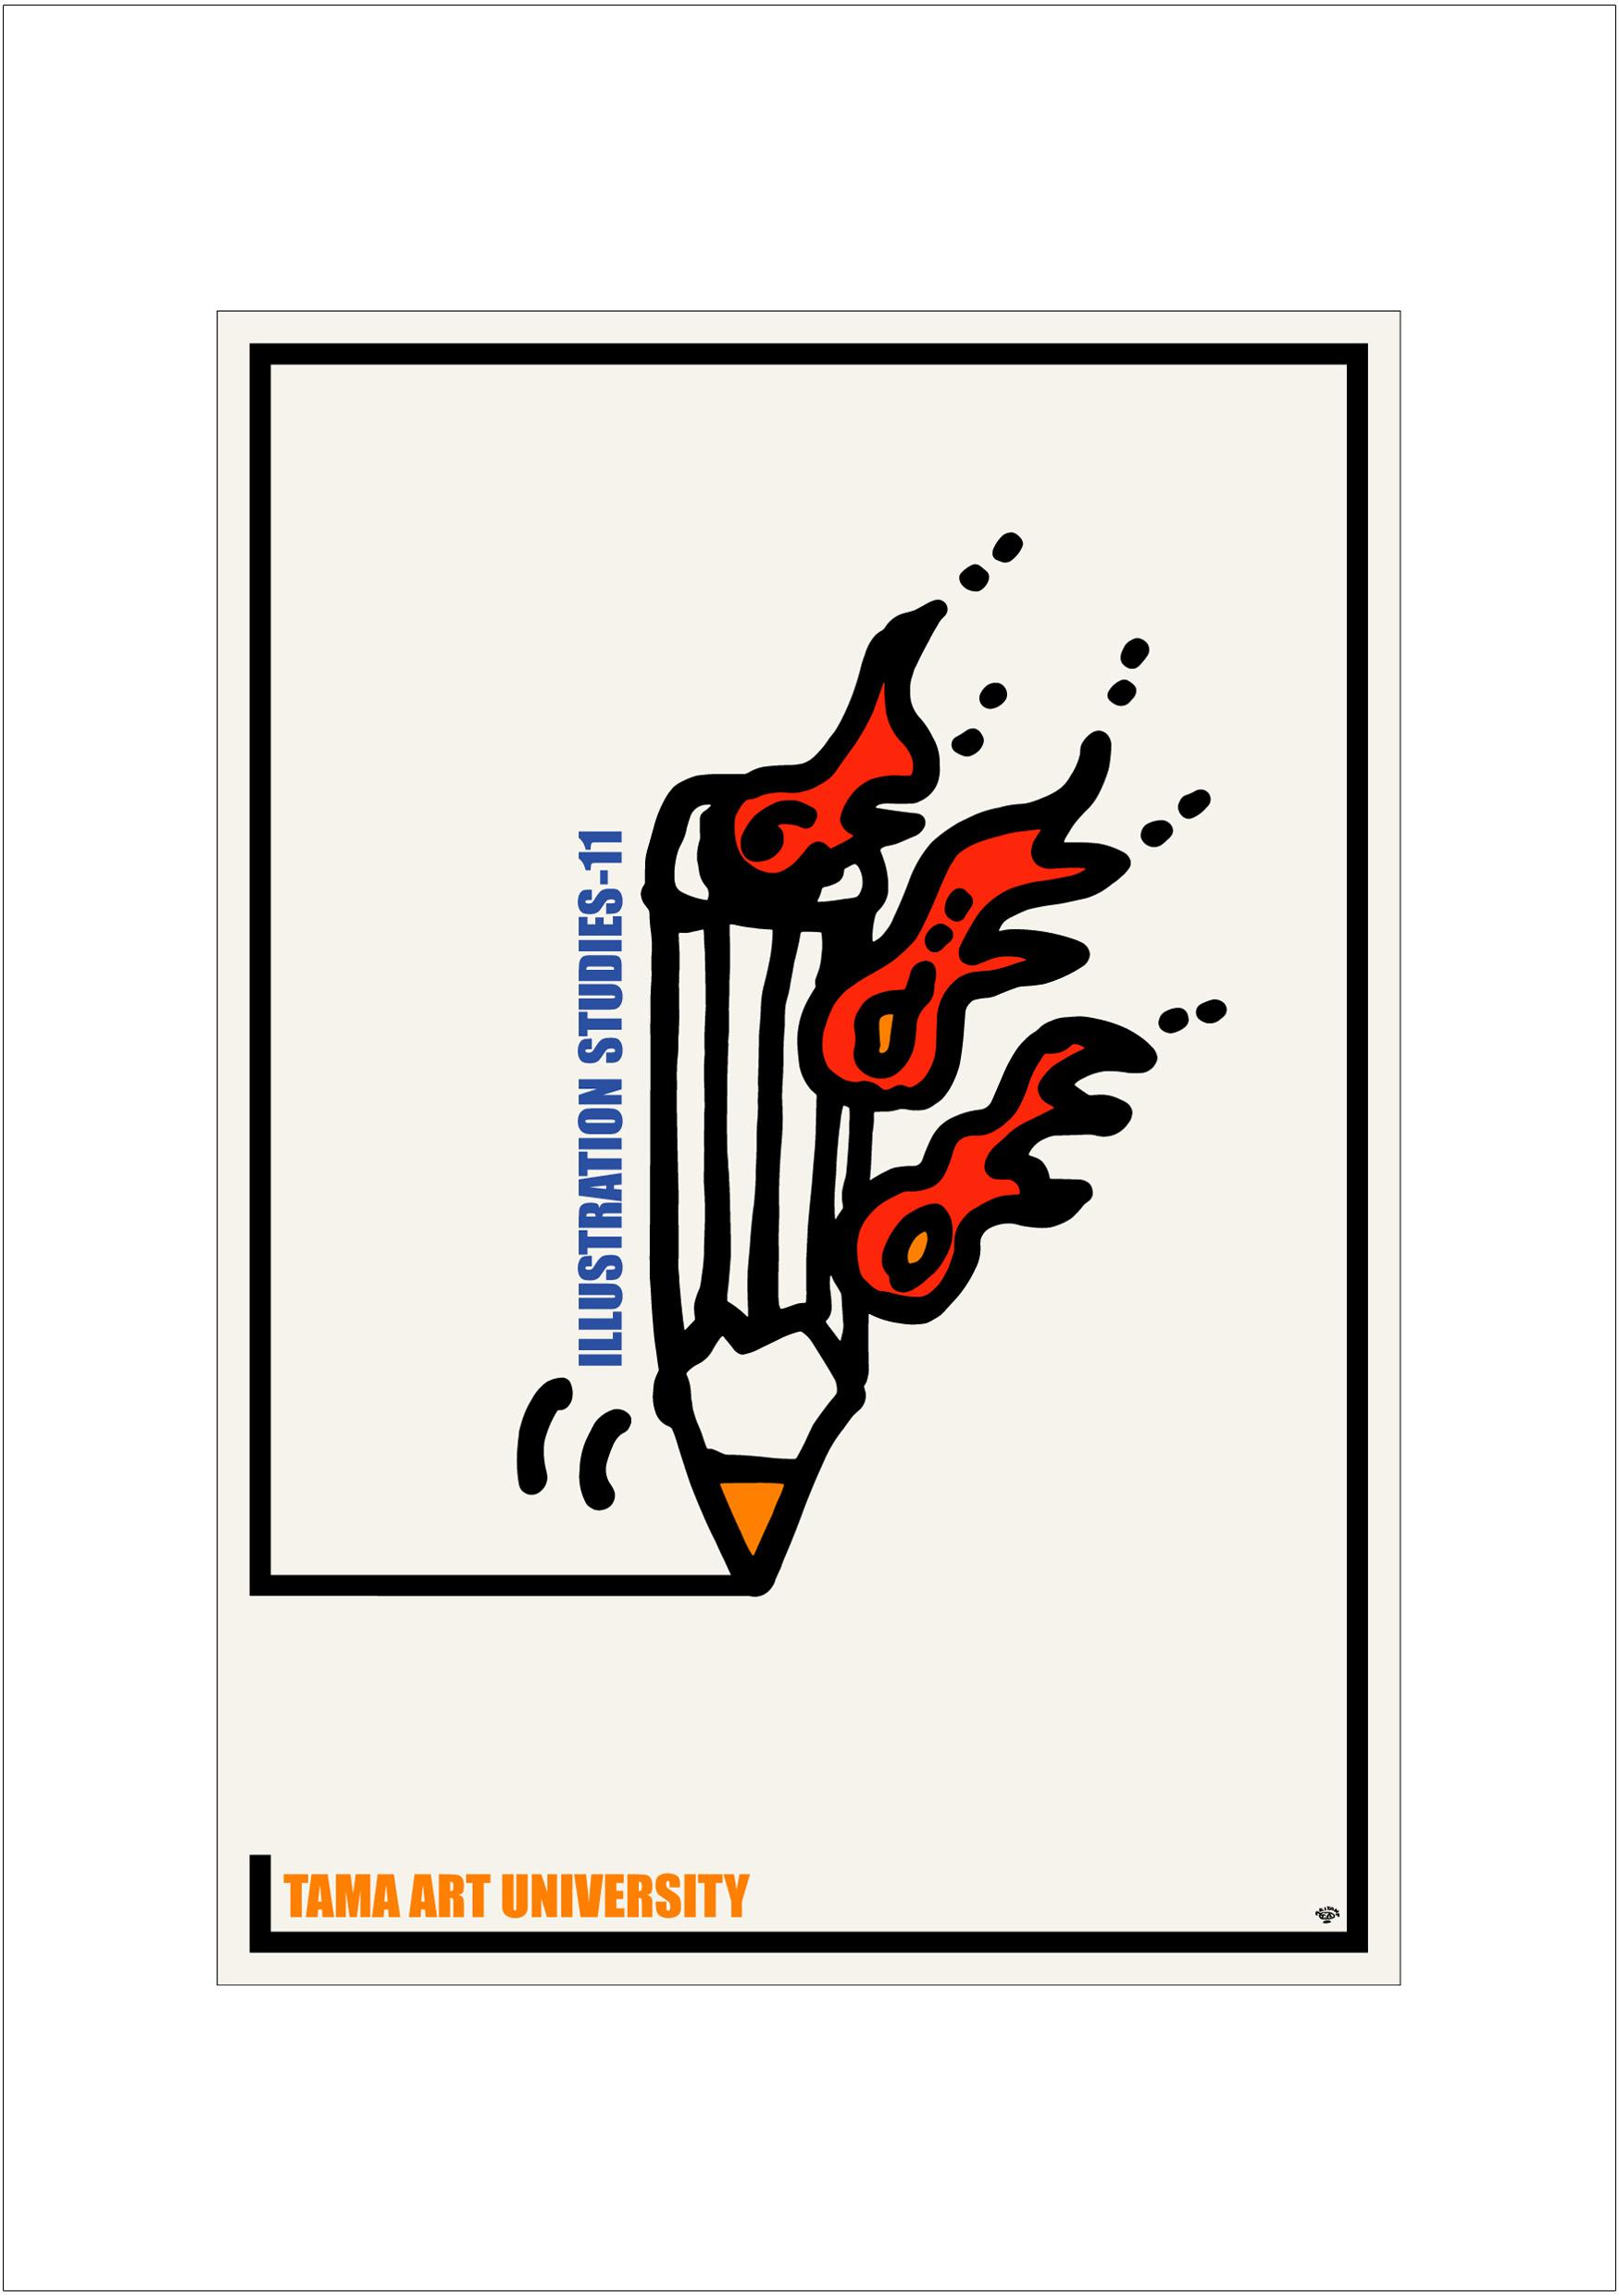 ポスターアーティスト秋山孝が2003年に制作したアートカード「アートカード ポスター 2003 03」